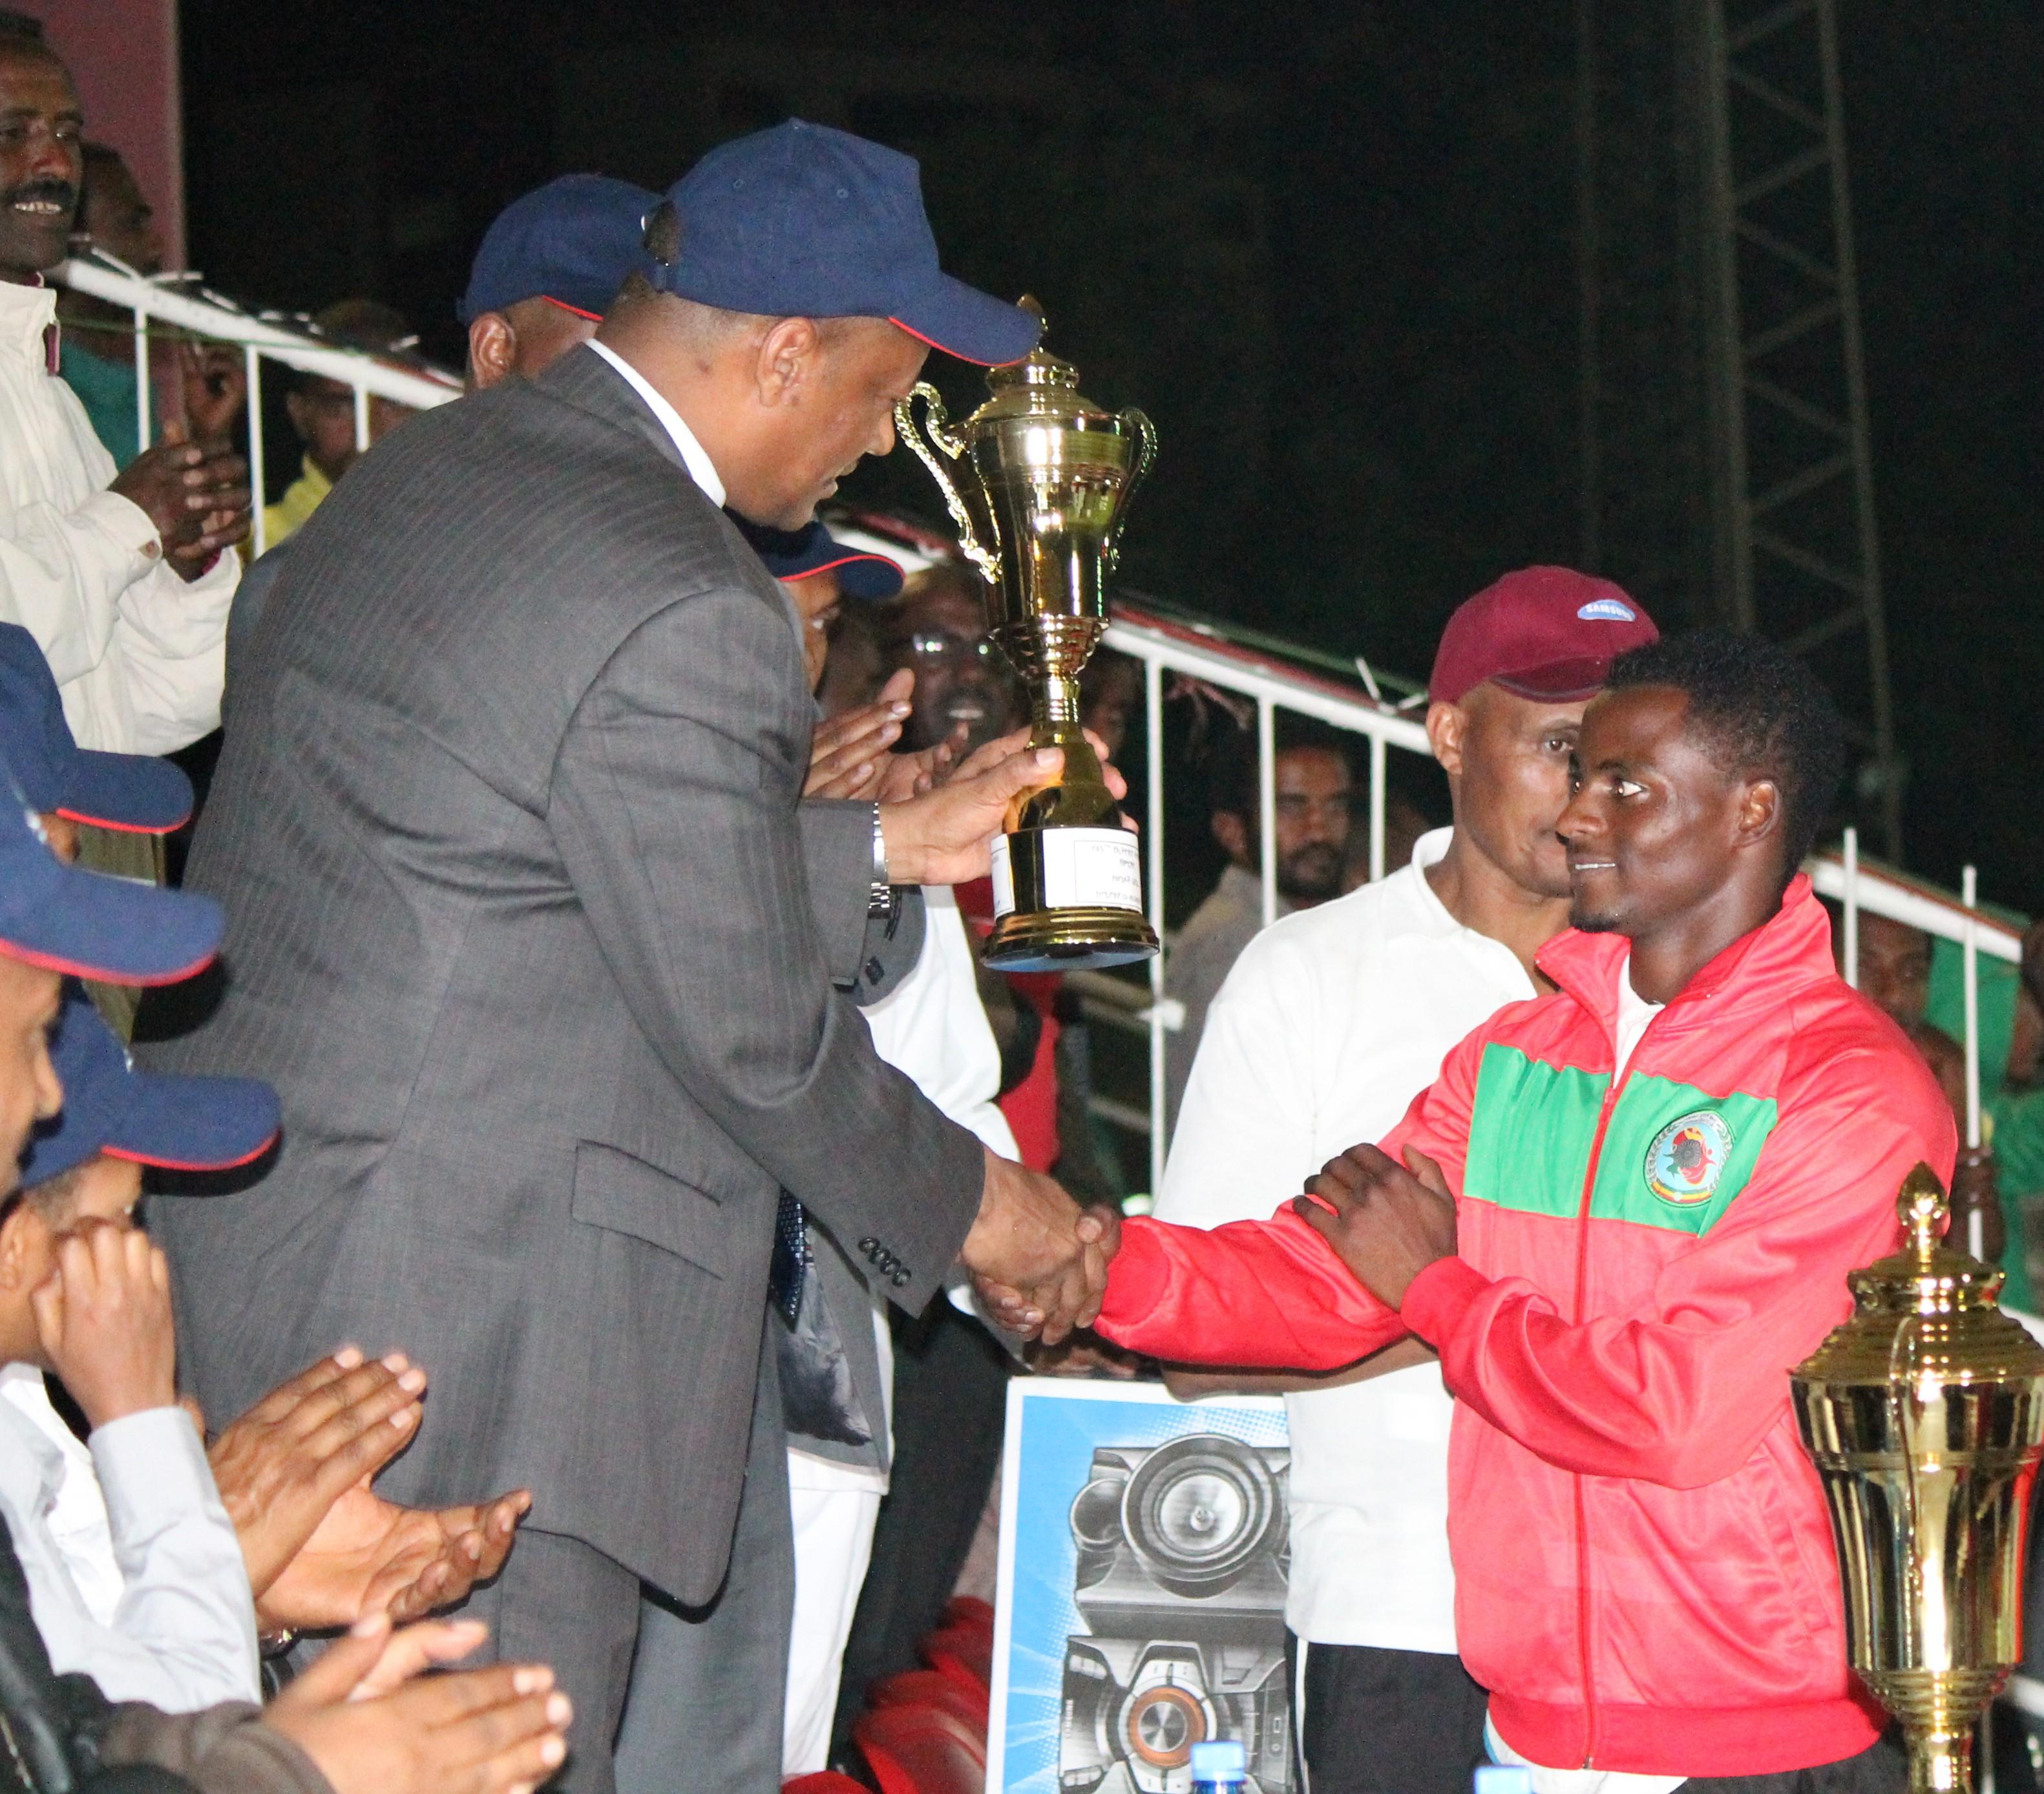 Team trophy winner - Defense